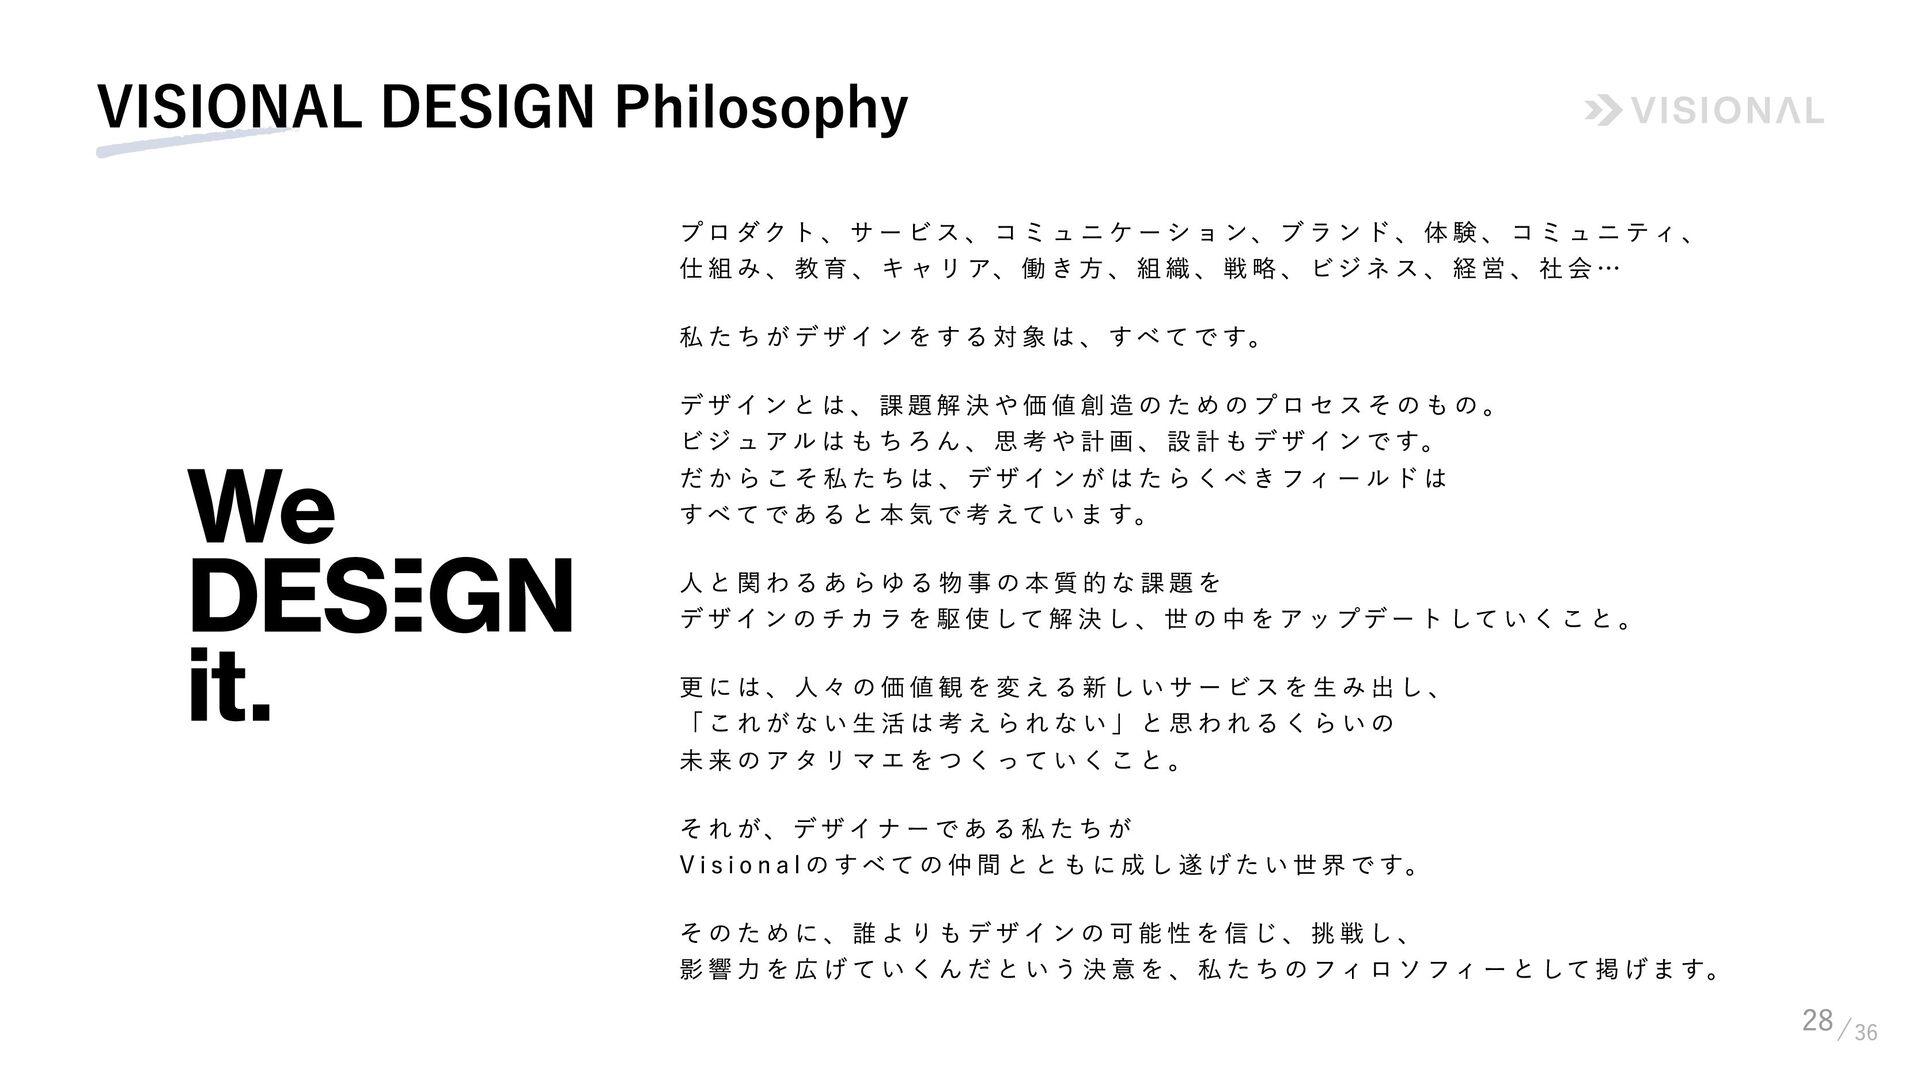 28 武 穂波 Honami Take  プロダクトデザイン室 UIデザイナー、UXデザイナー...